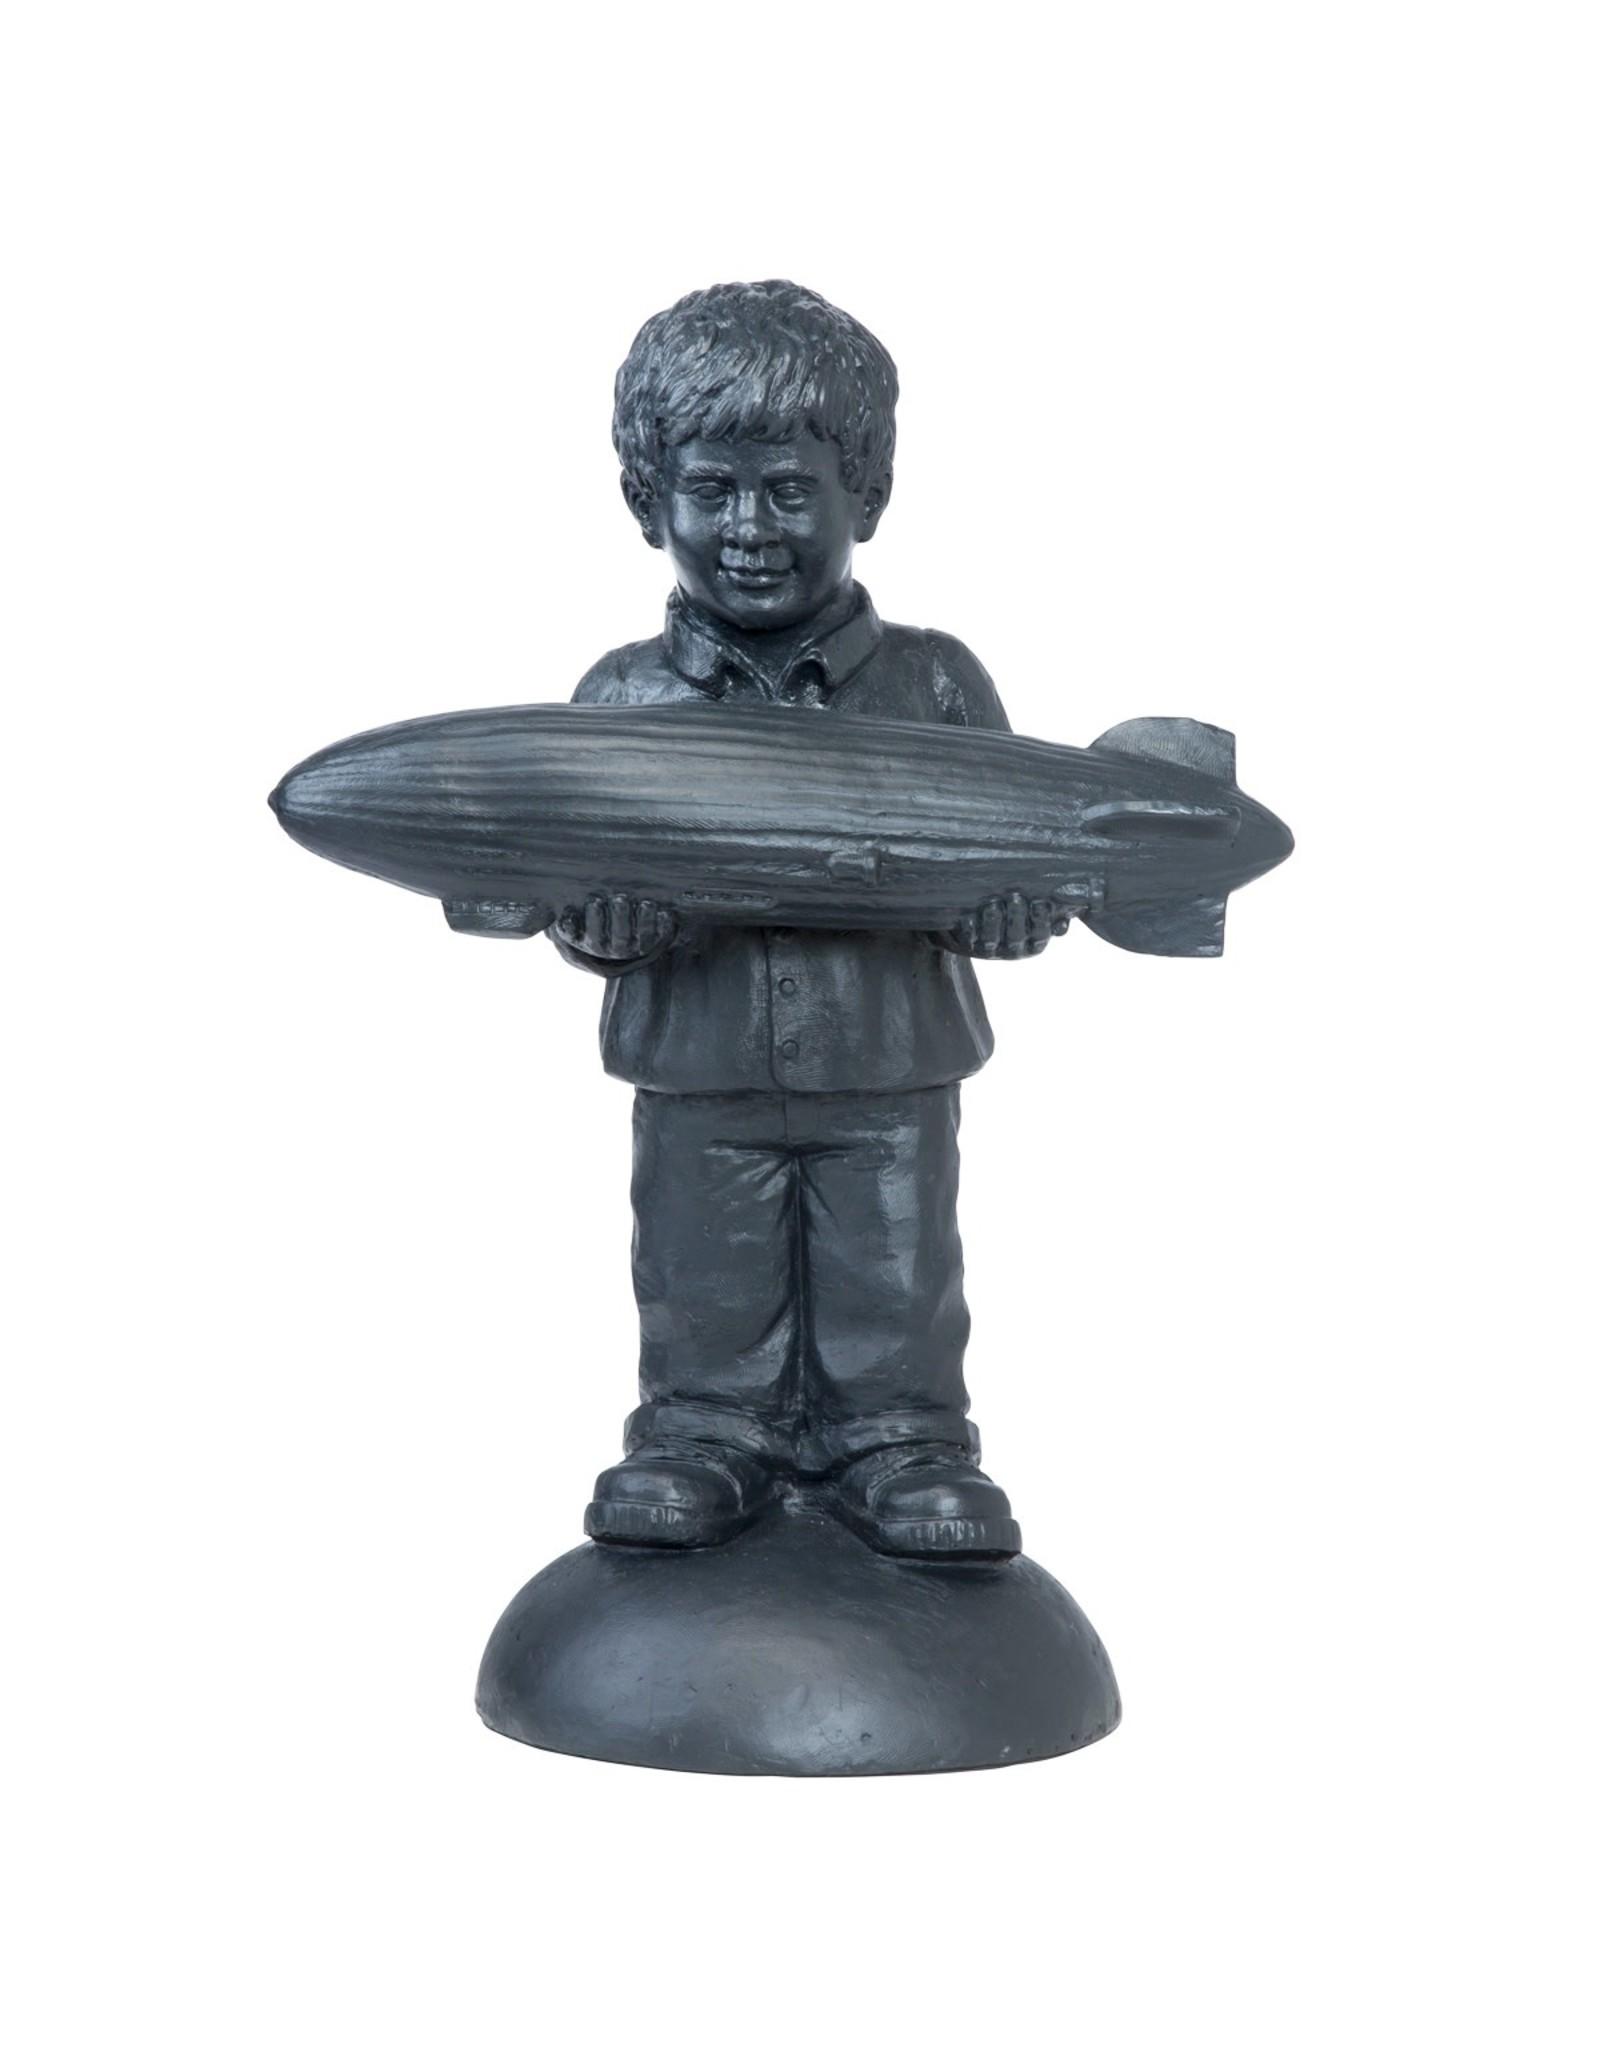 Ottmar Hörl Ottmar Hörl - Zeppelin Boy